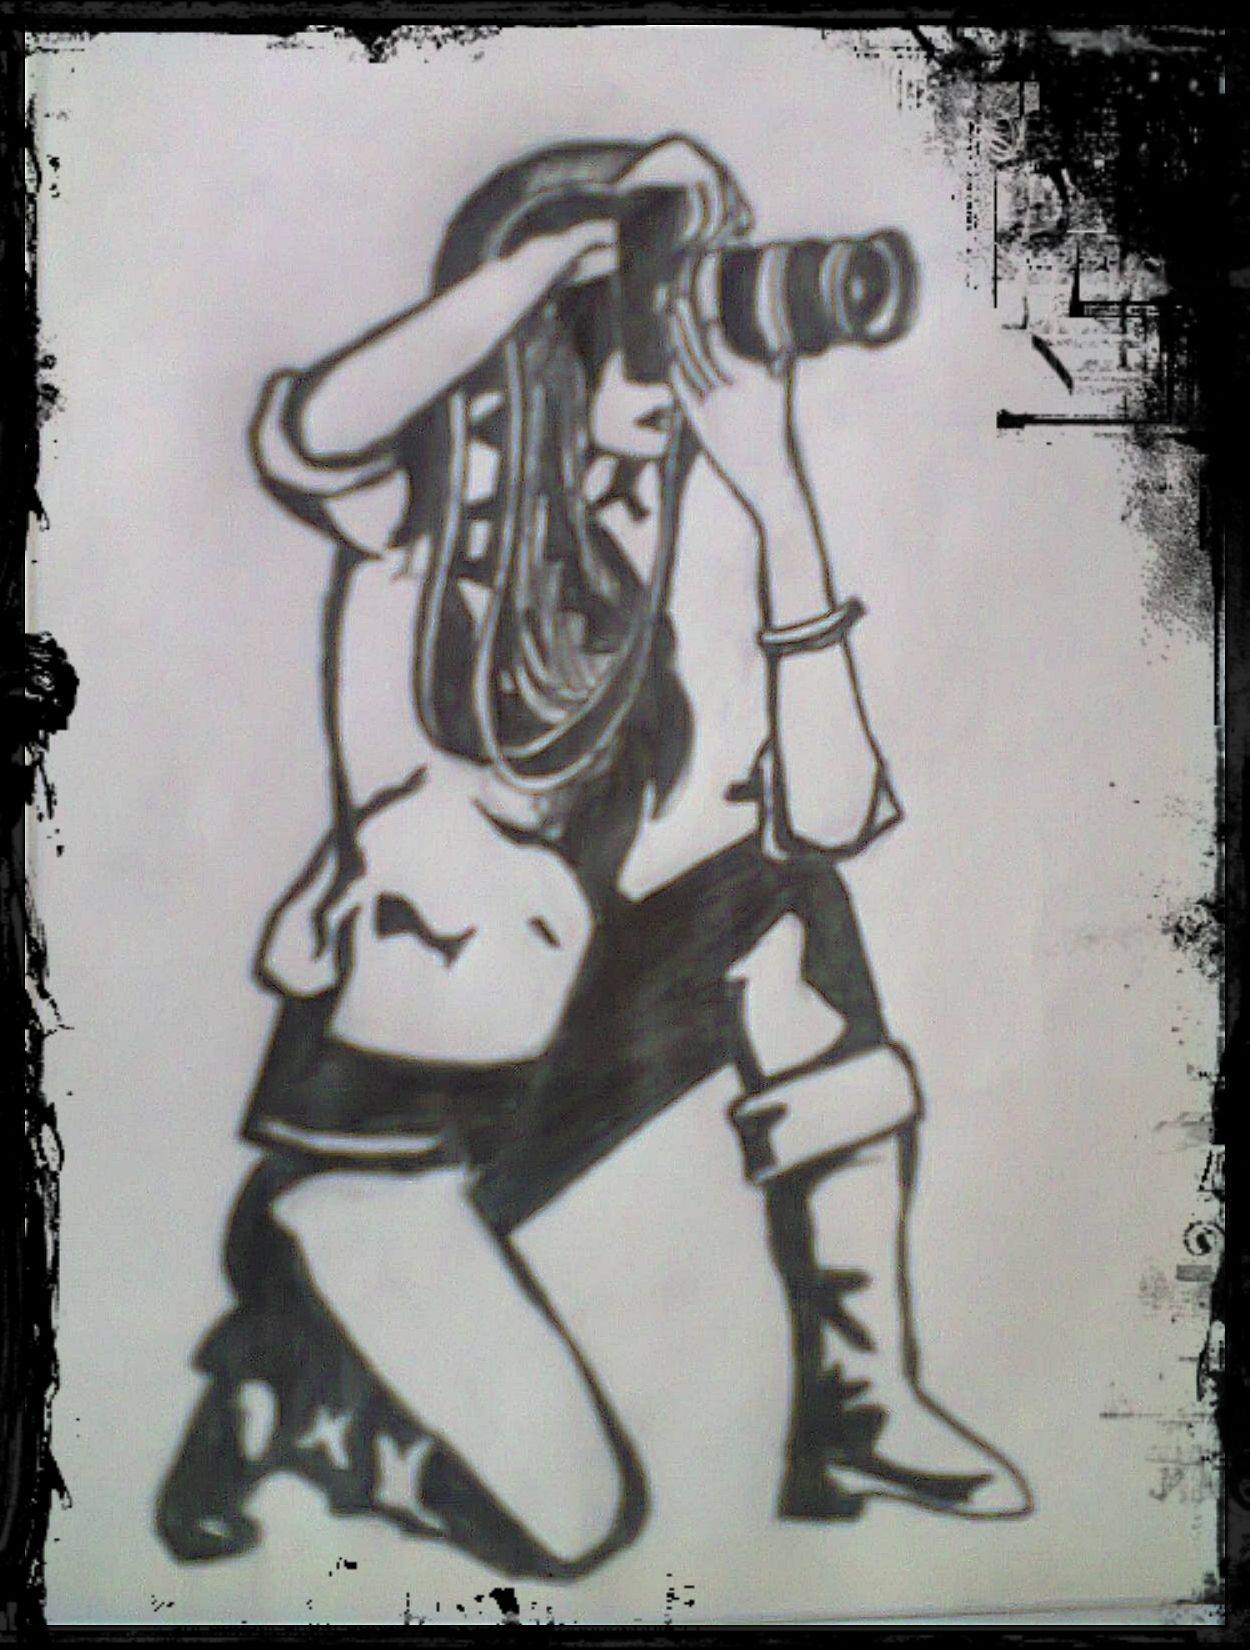 My new pencil sketch